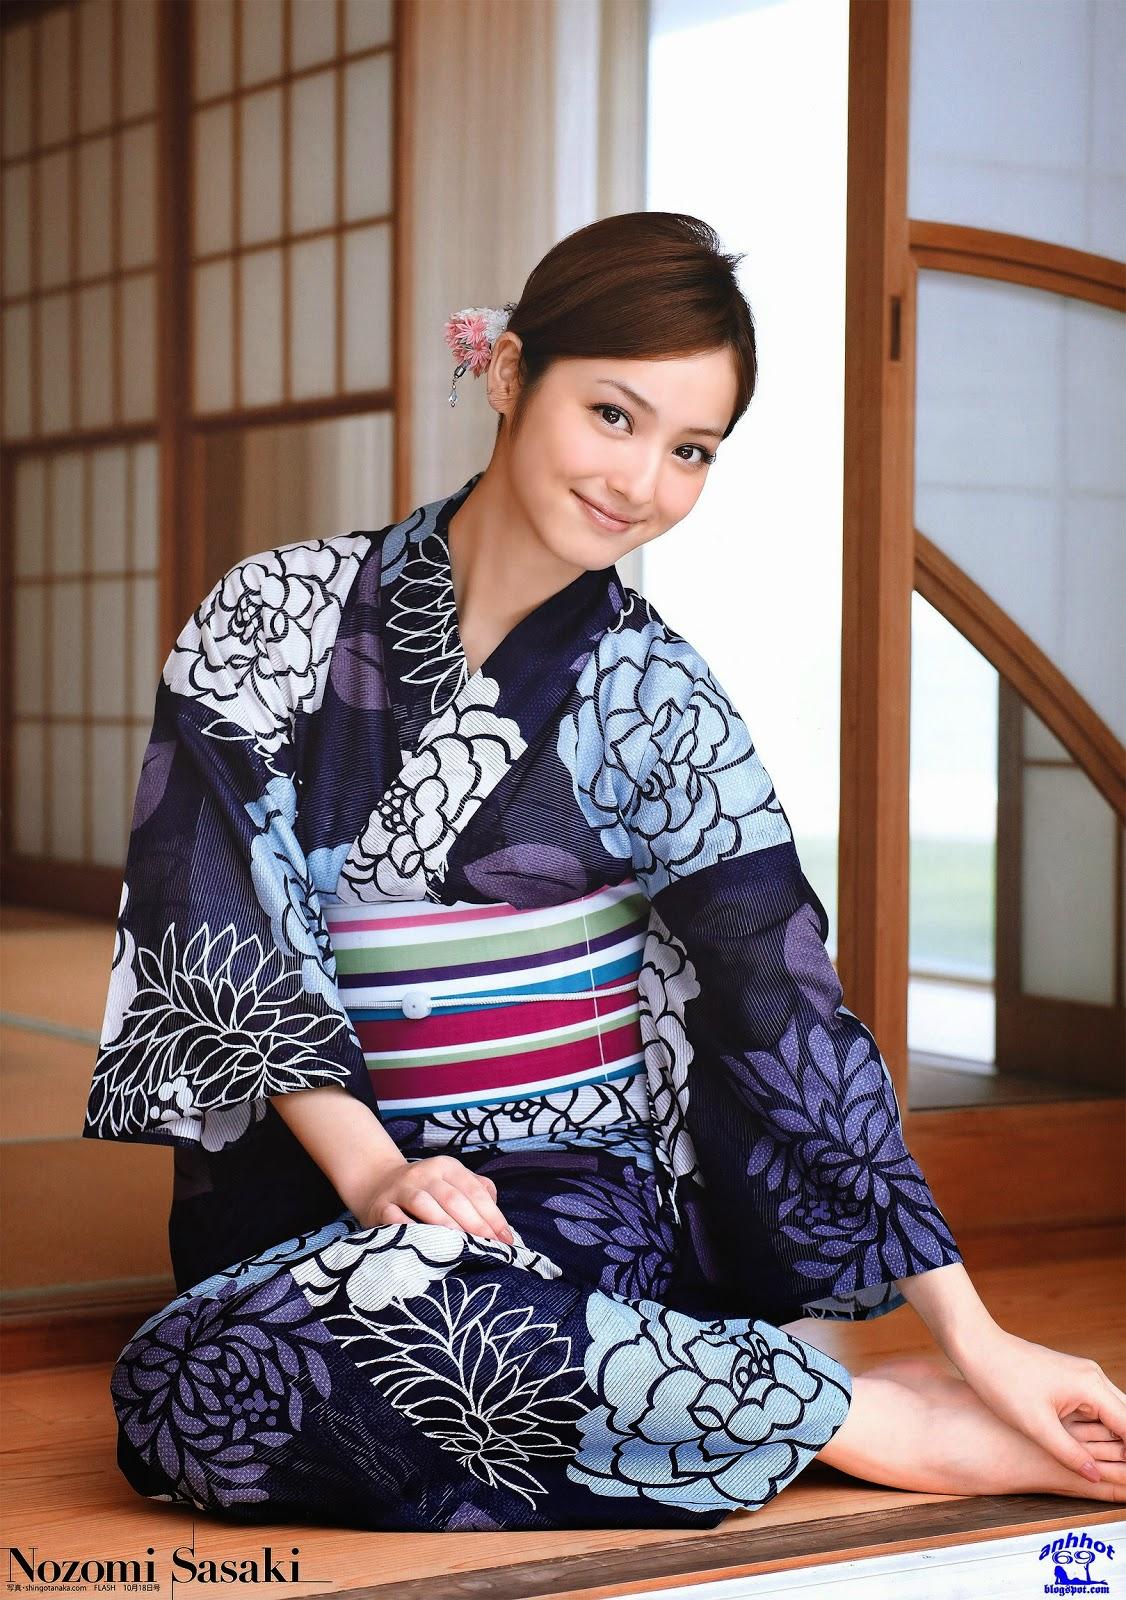 nozomi-sasaki-01291068